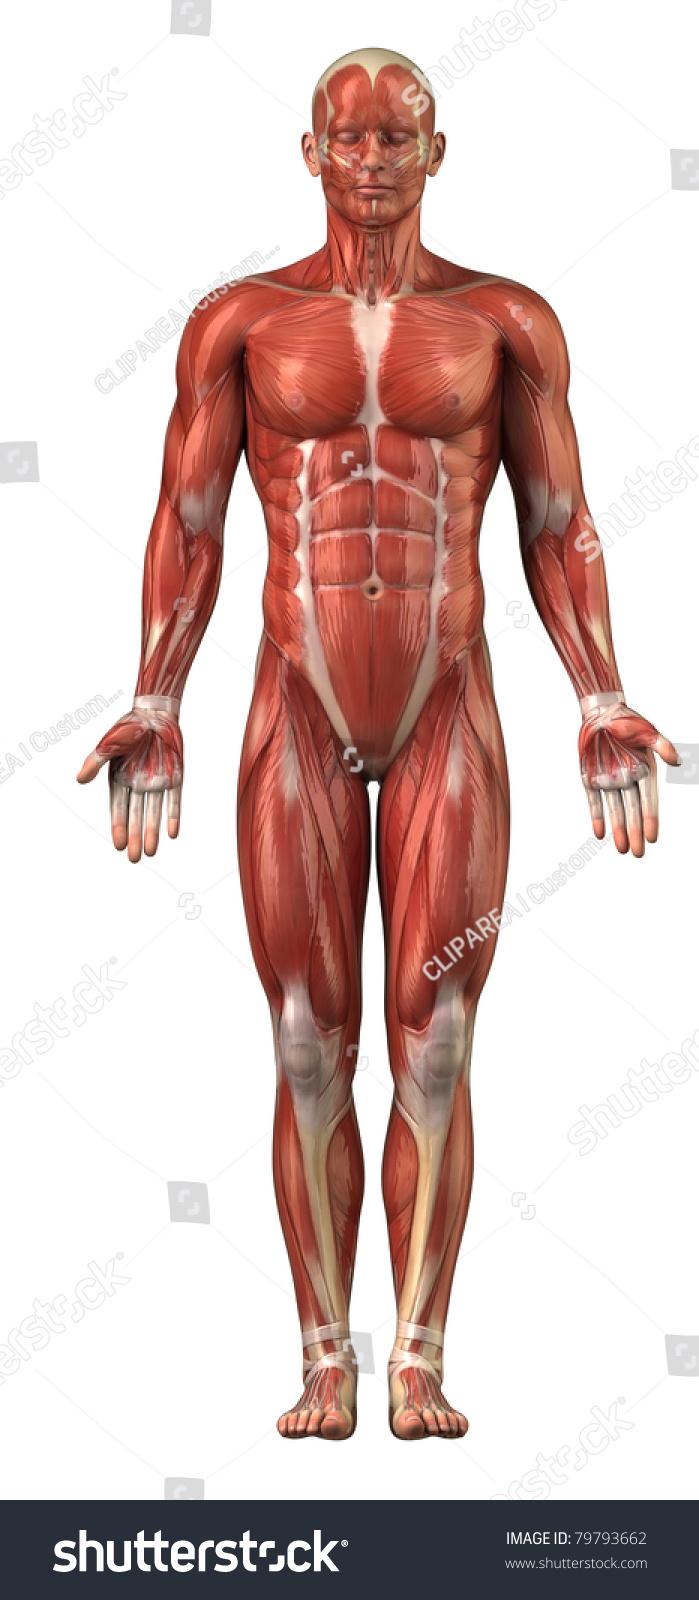 Anatomy Of Man Muscular System Upper Half Anterior View Ez Canvas